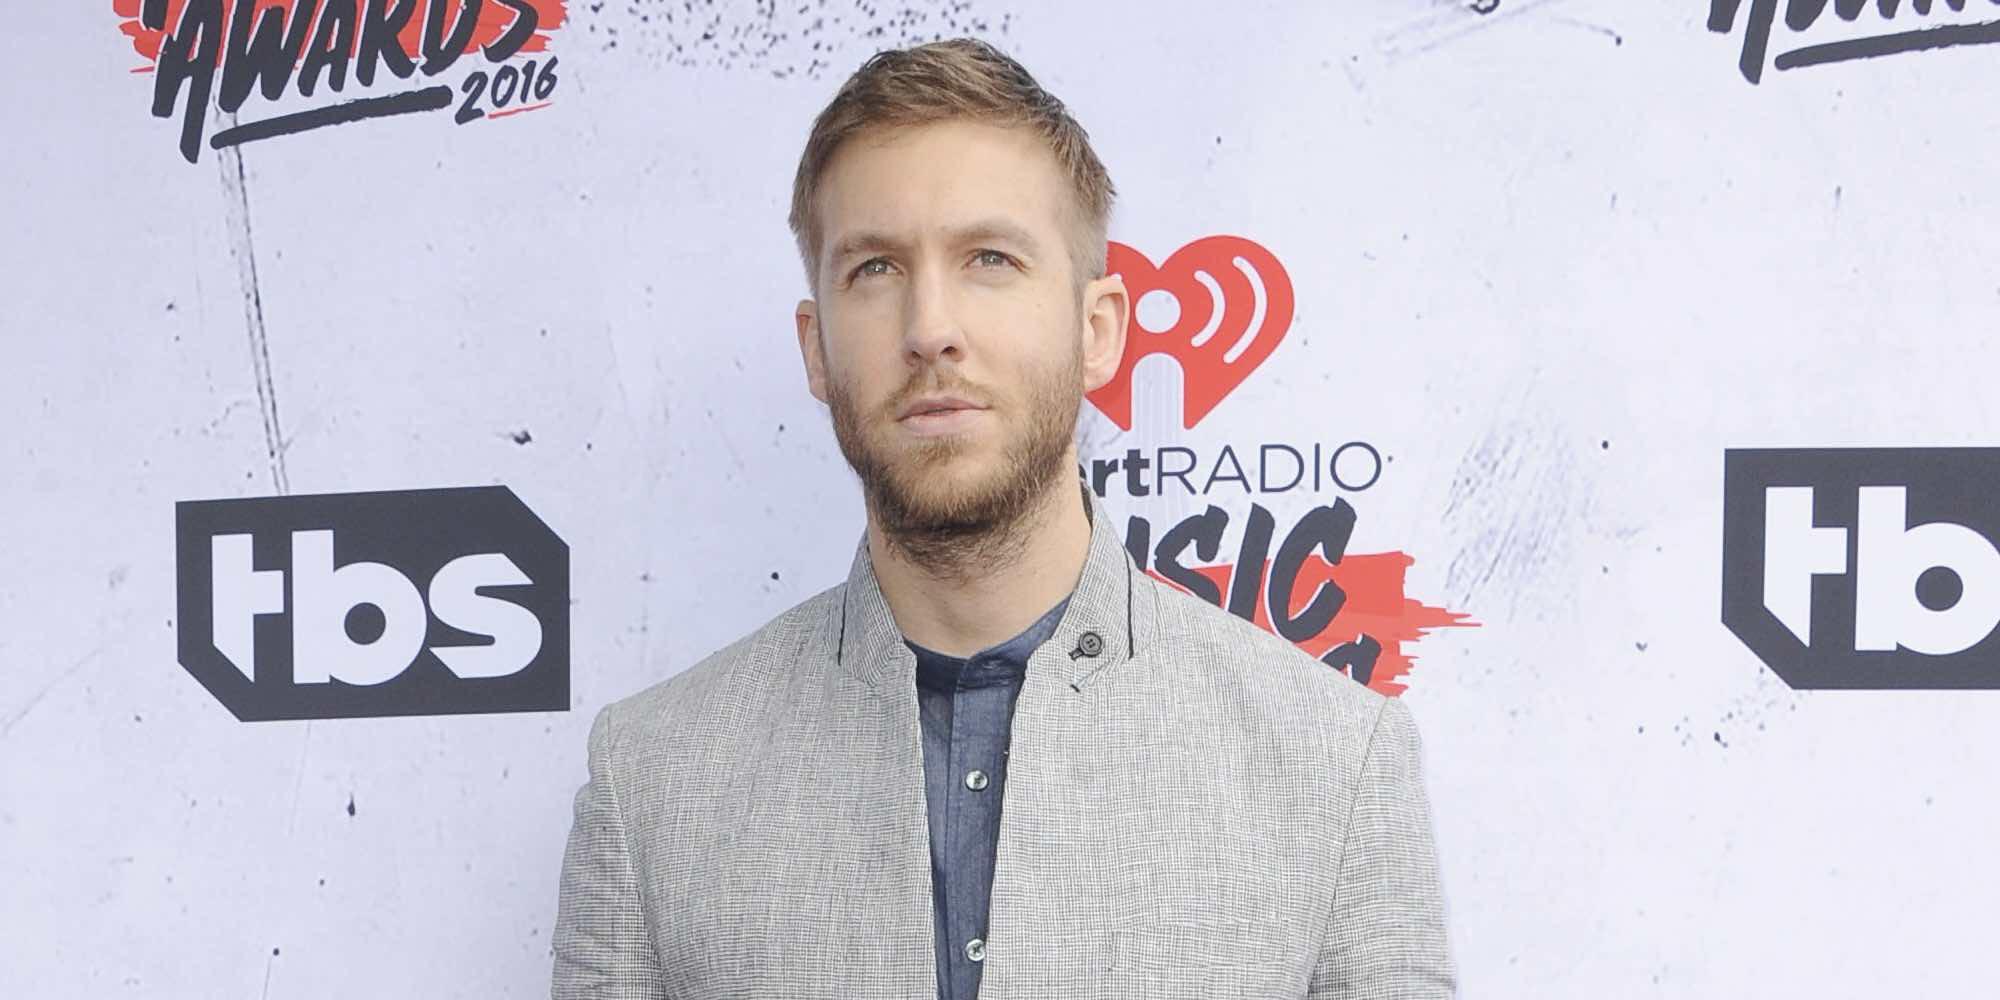 La razón por la que Calvin Harris decidió que si se dejaba mucha barba cumpliría su sueño